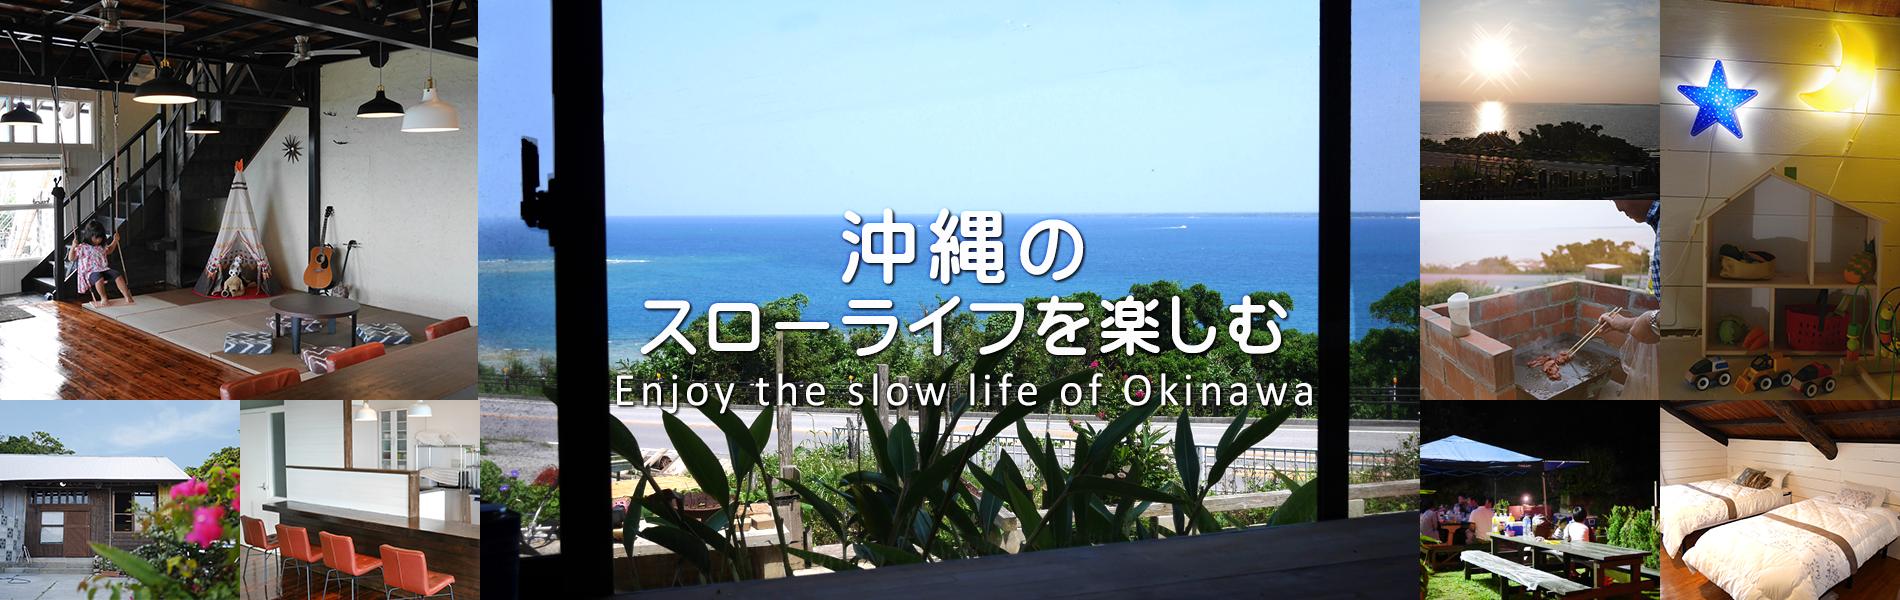 沖縄の生活を体験する